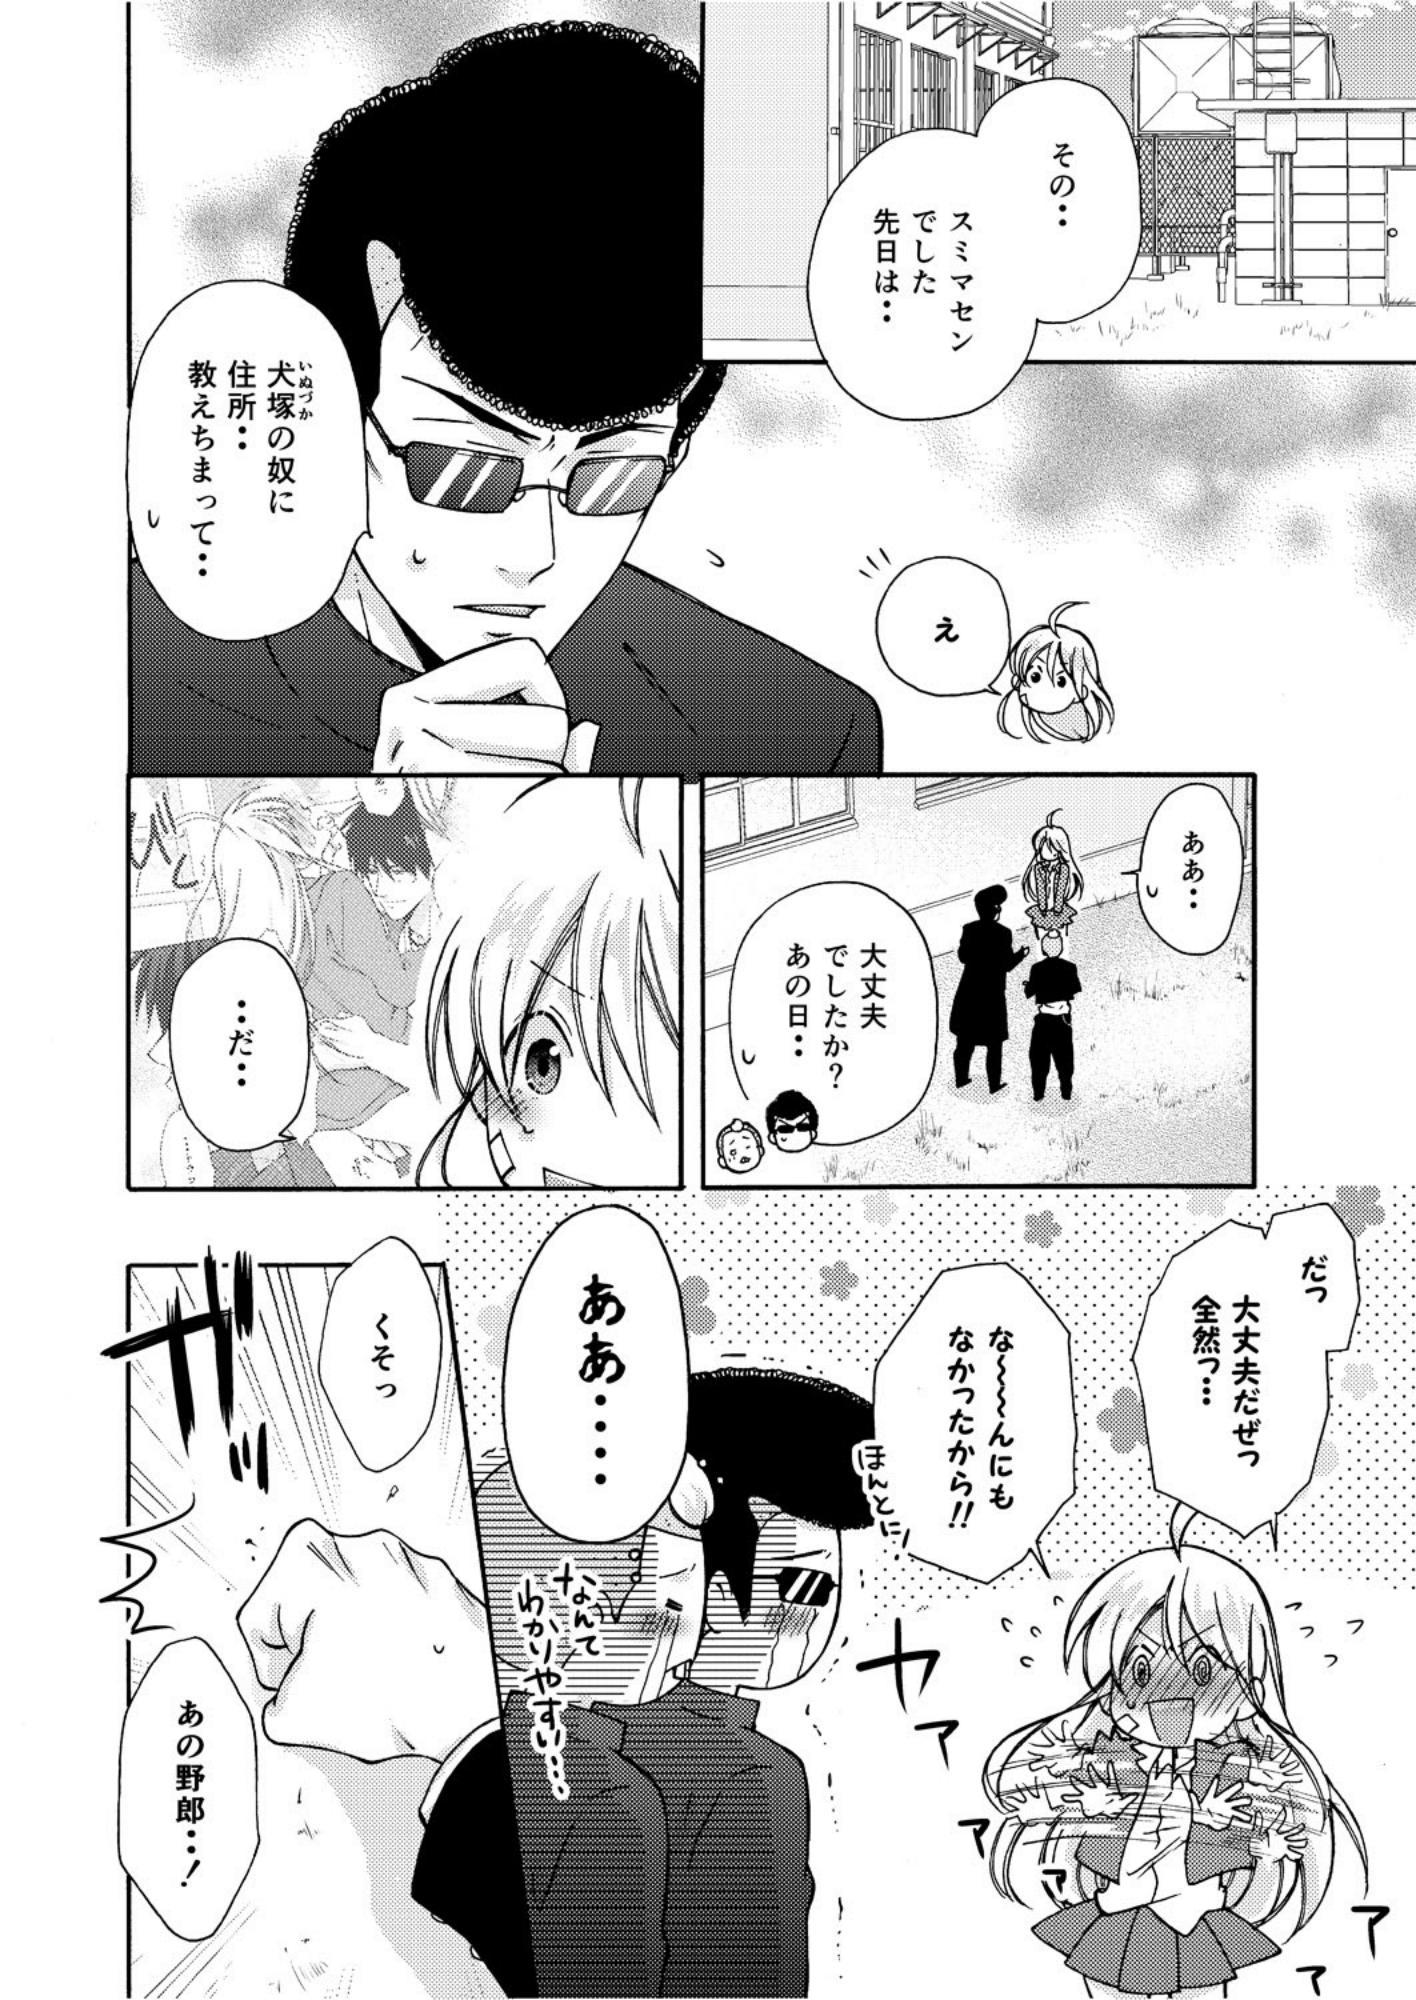 Nyotaika Yankee Gakuen ☆ Ore no Hajimete, Nerawaretemasu. 5 18